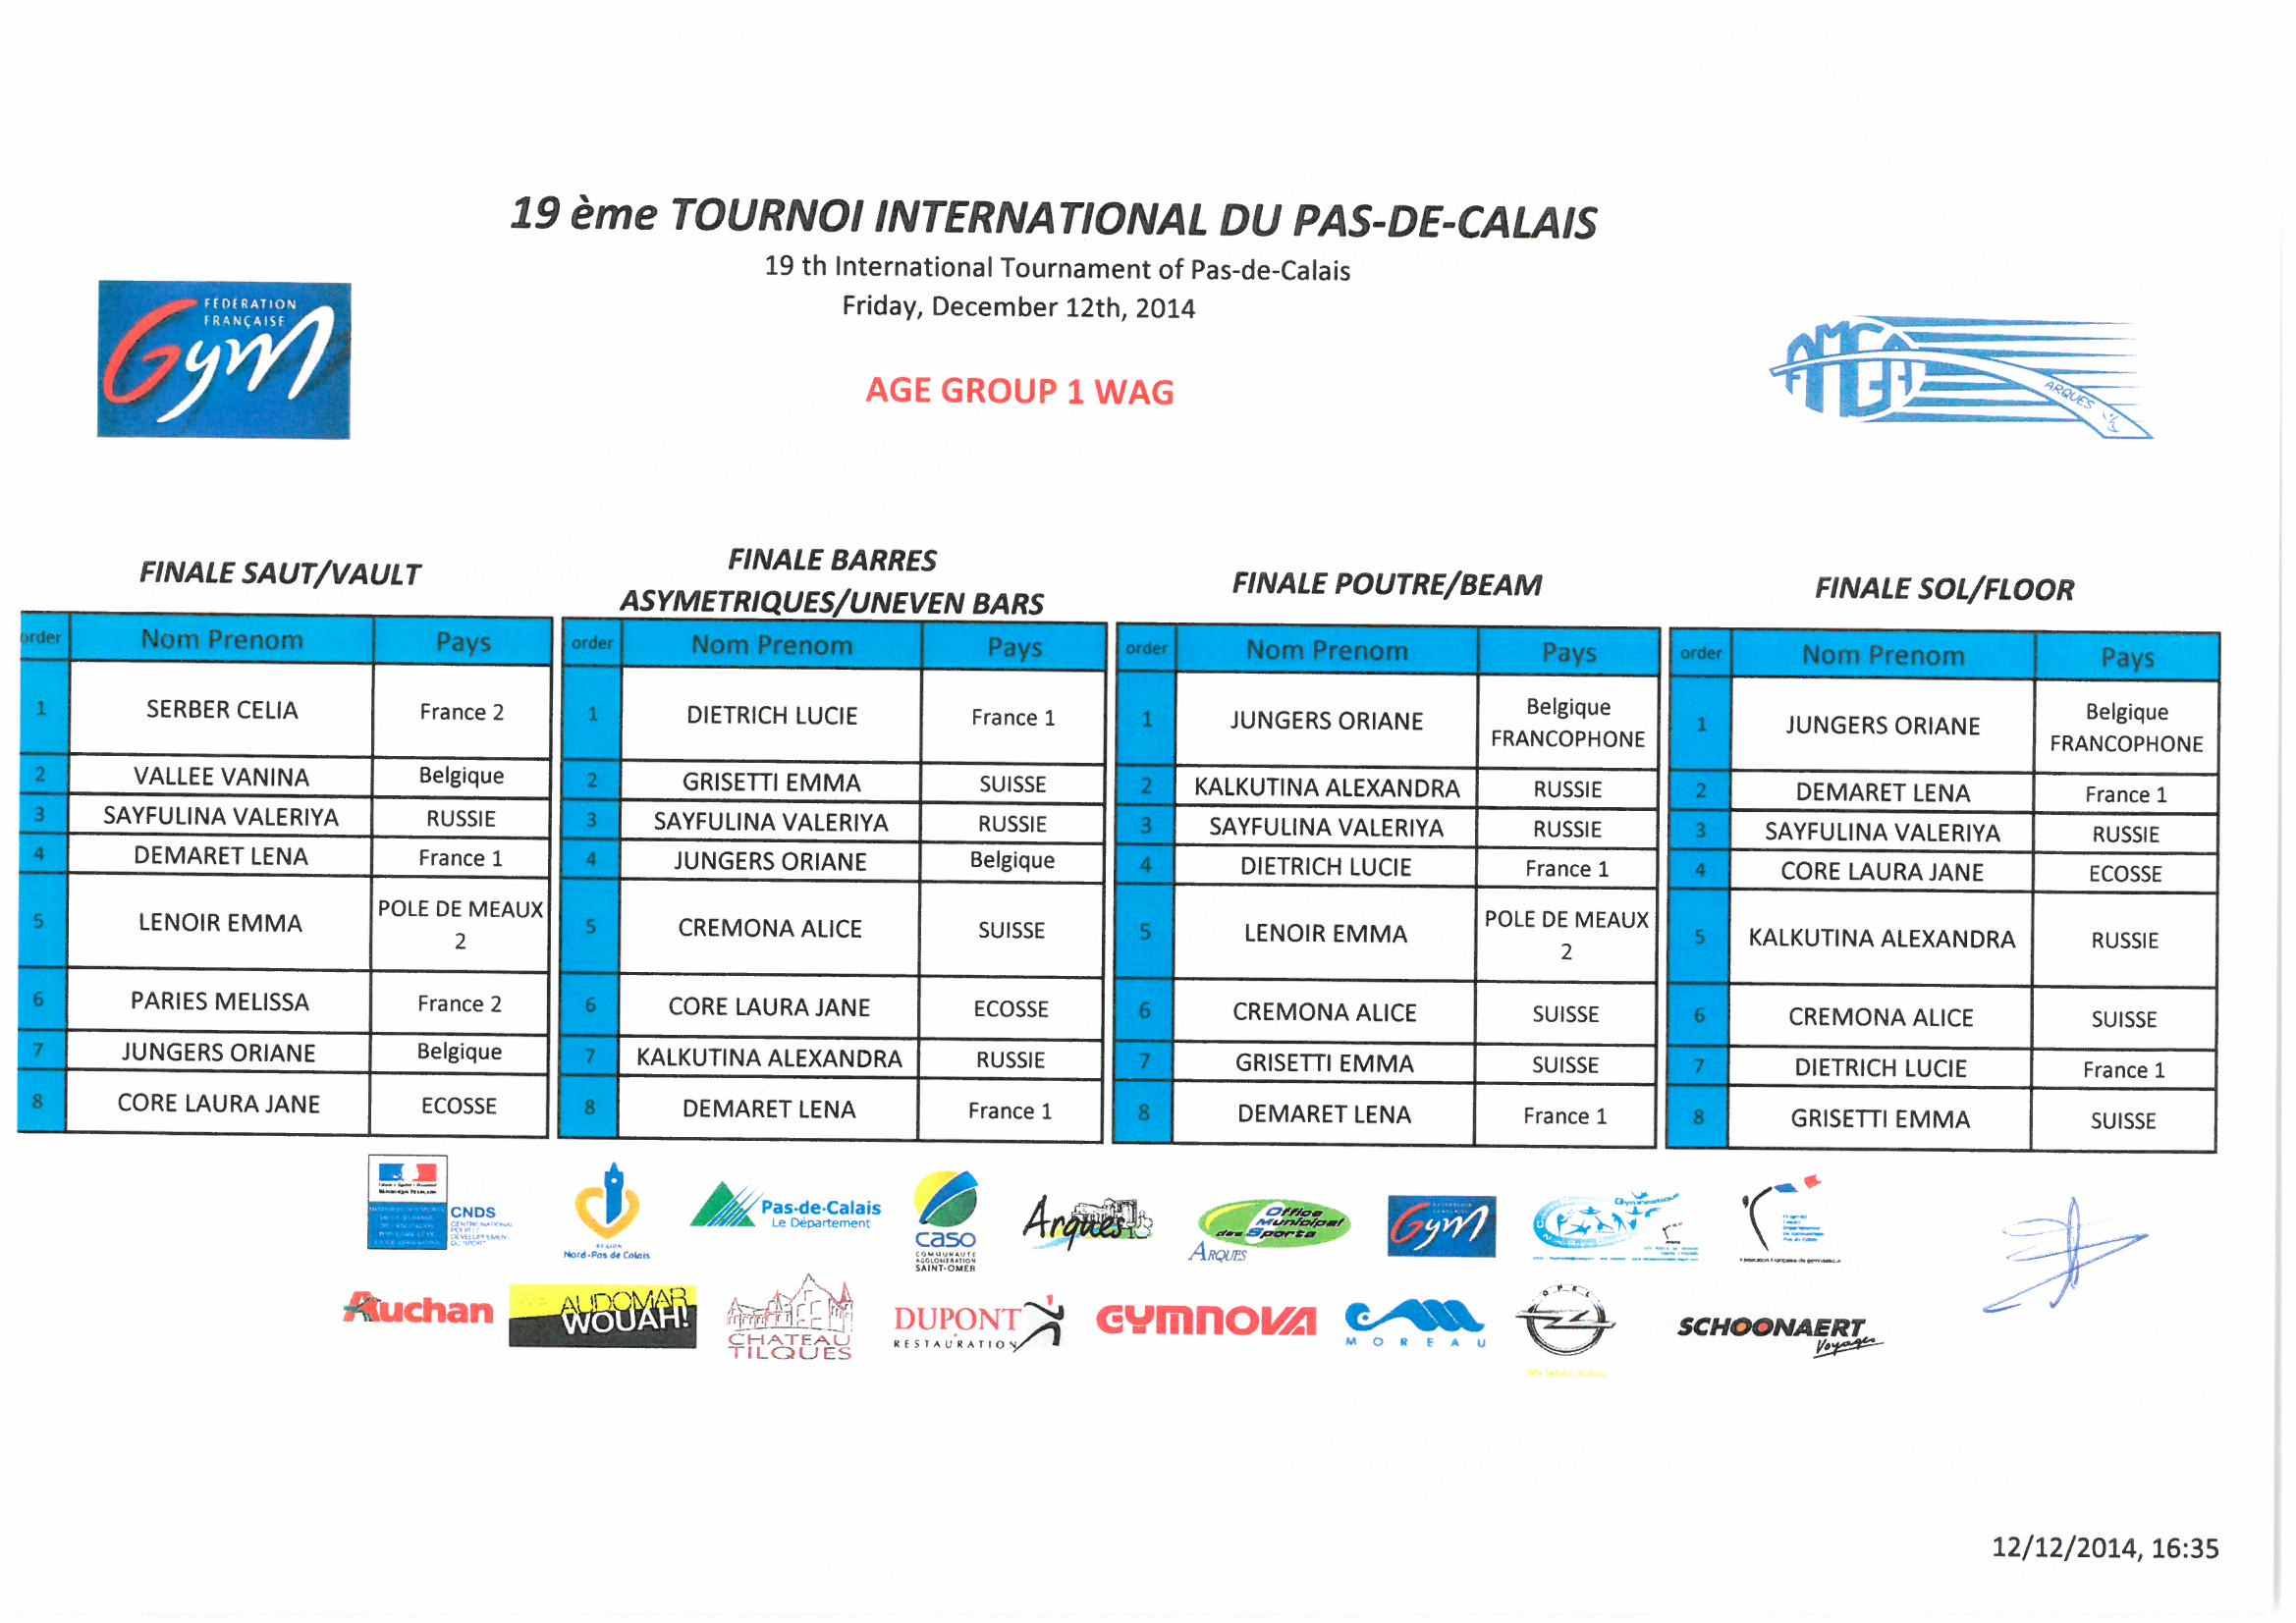 Résultats:19ème Tournoi International de Gymnastique Artistique du Pas-de-Calais, Coupes de la Ville d'Arques